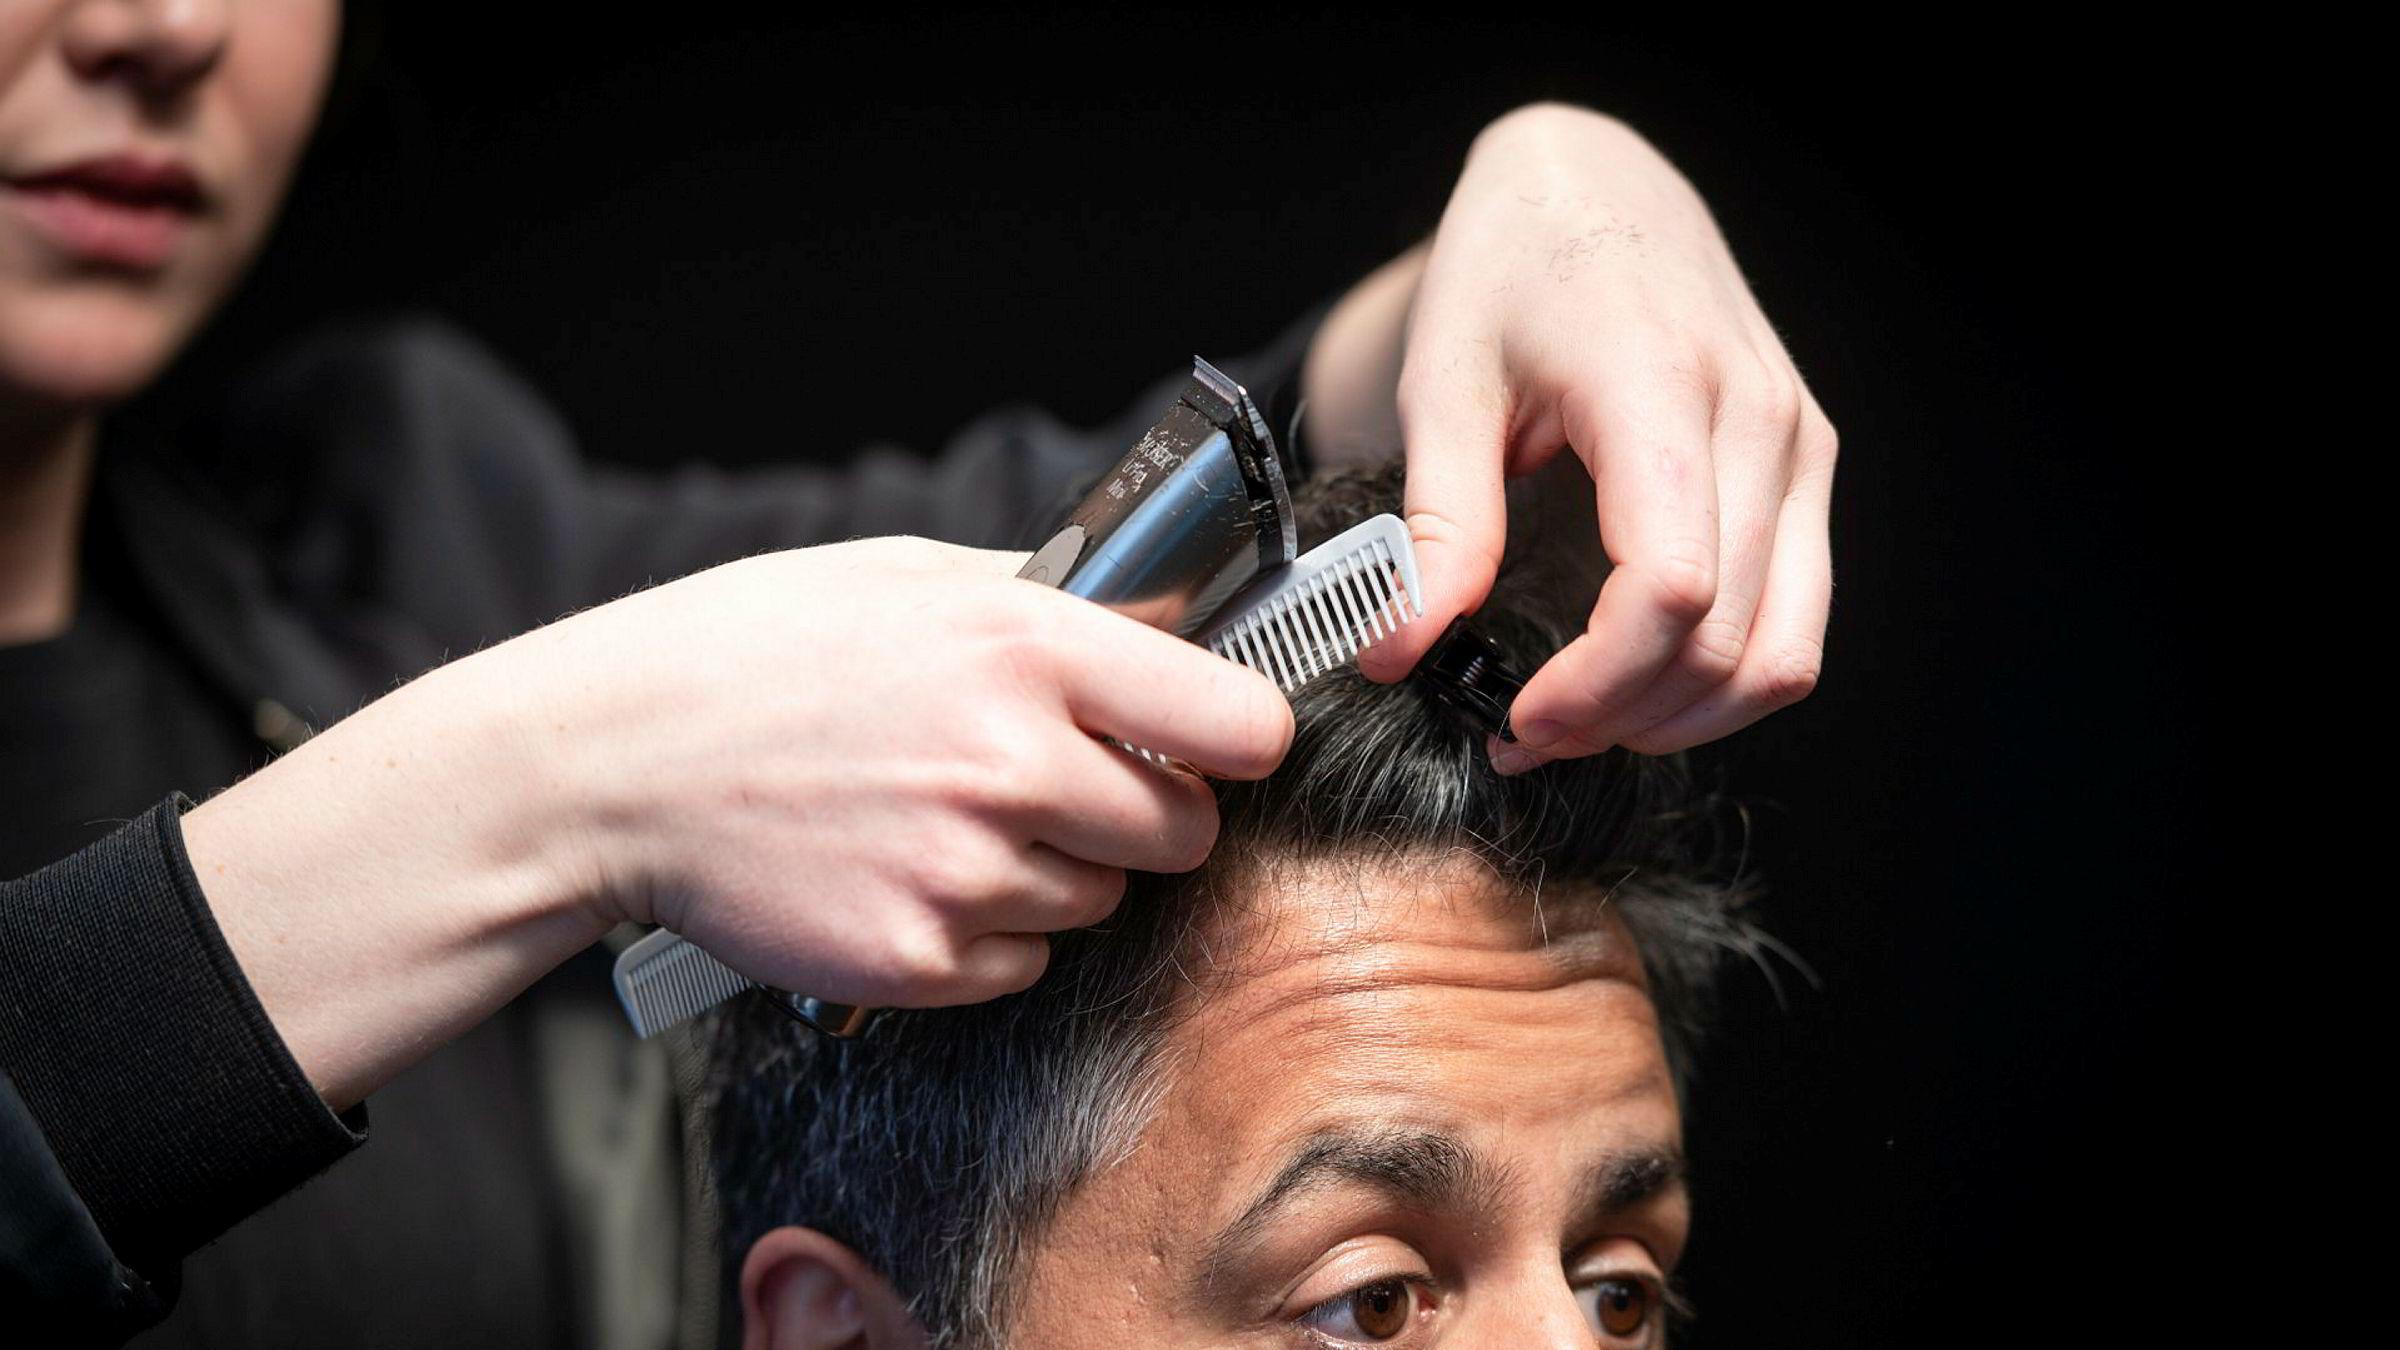 Skal spare på å flytte statlige arbeidsplasser. Og på å klippe håret. Venstres Abid Raja i frisørstolen hos Liv Martem Midttun på Cutters i Stortingsgaten i Oslo.